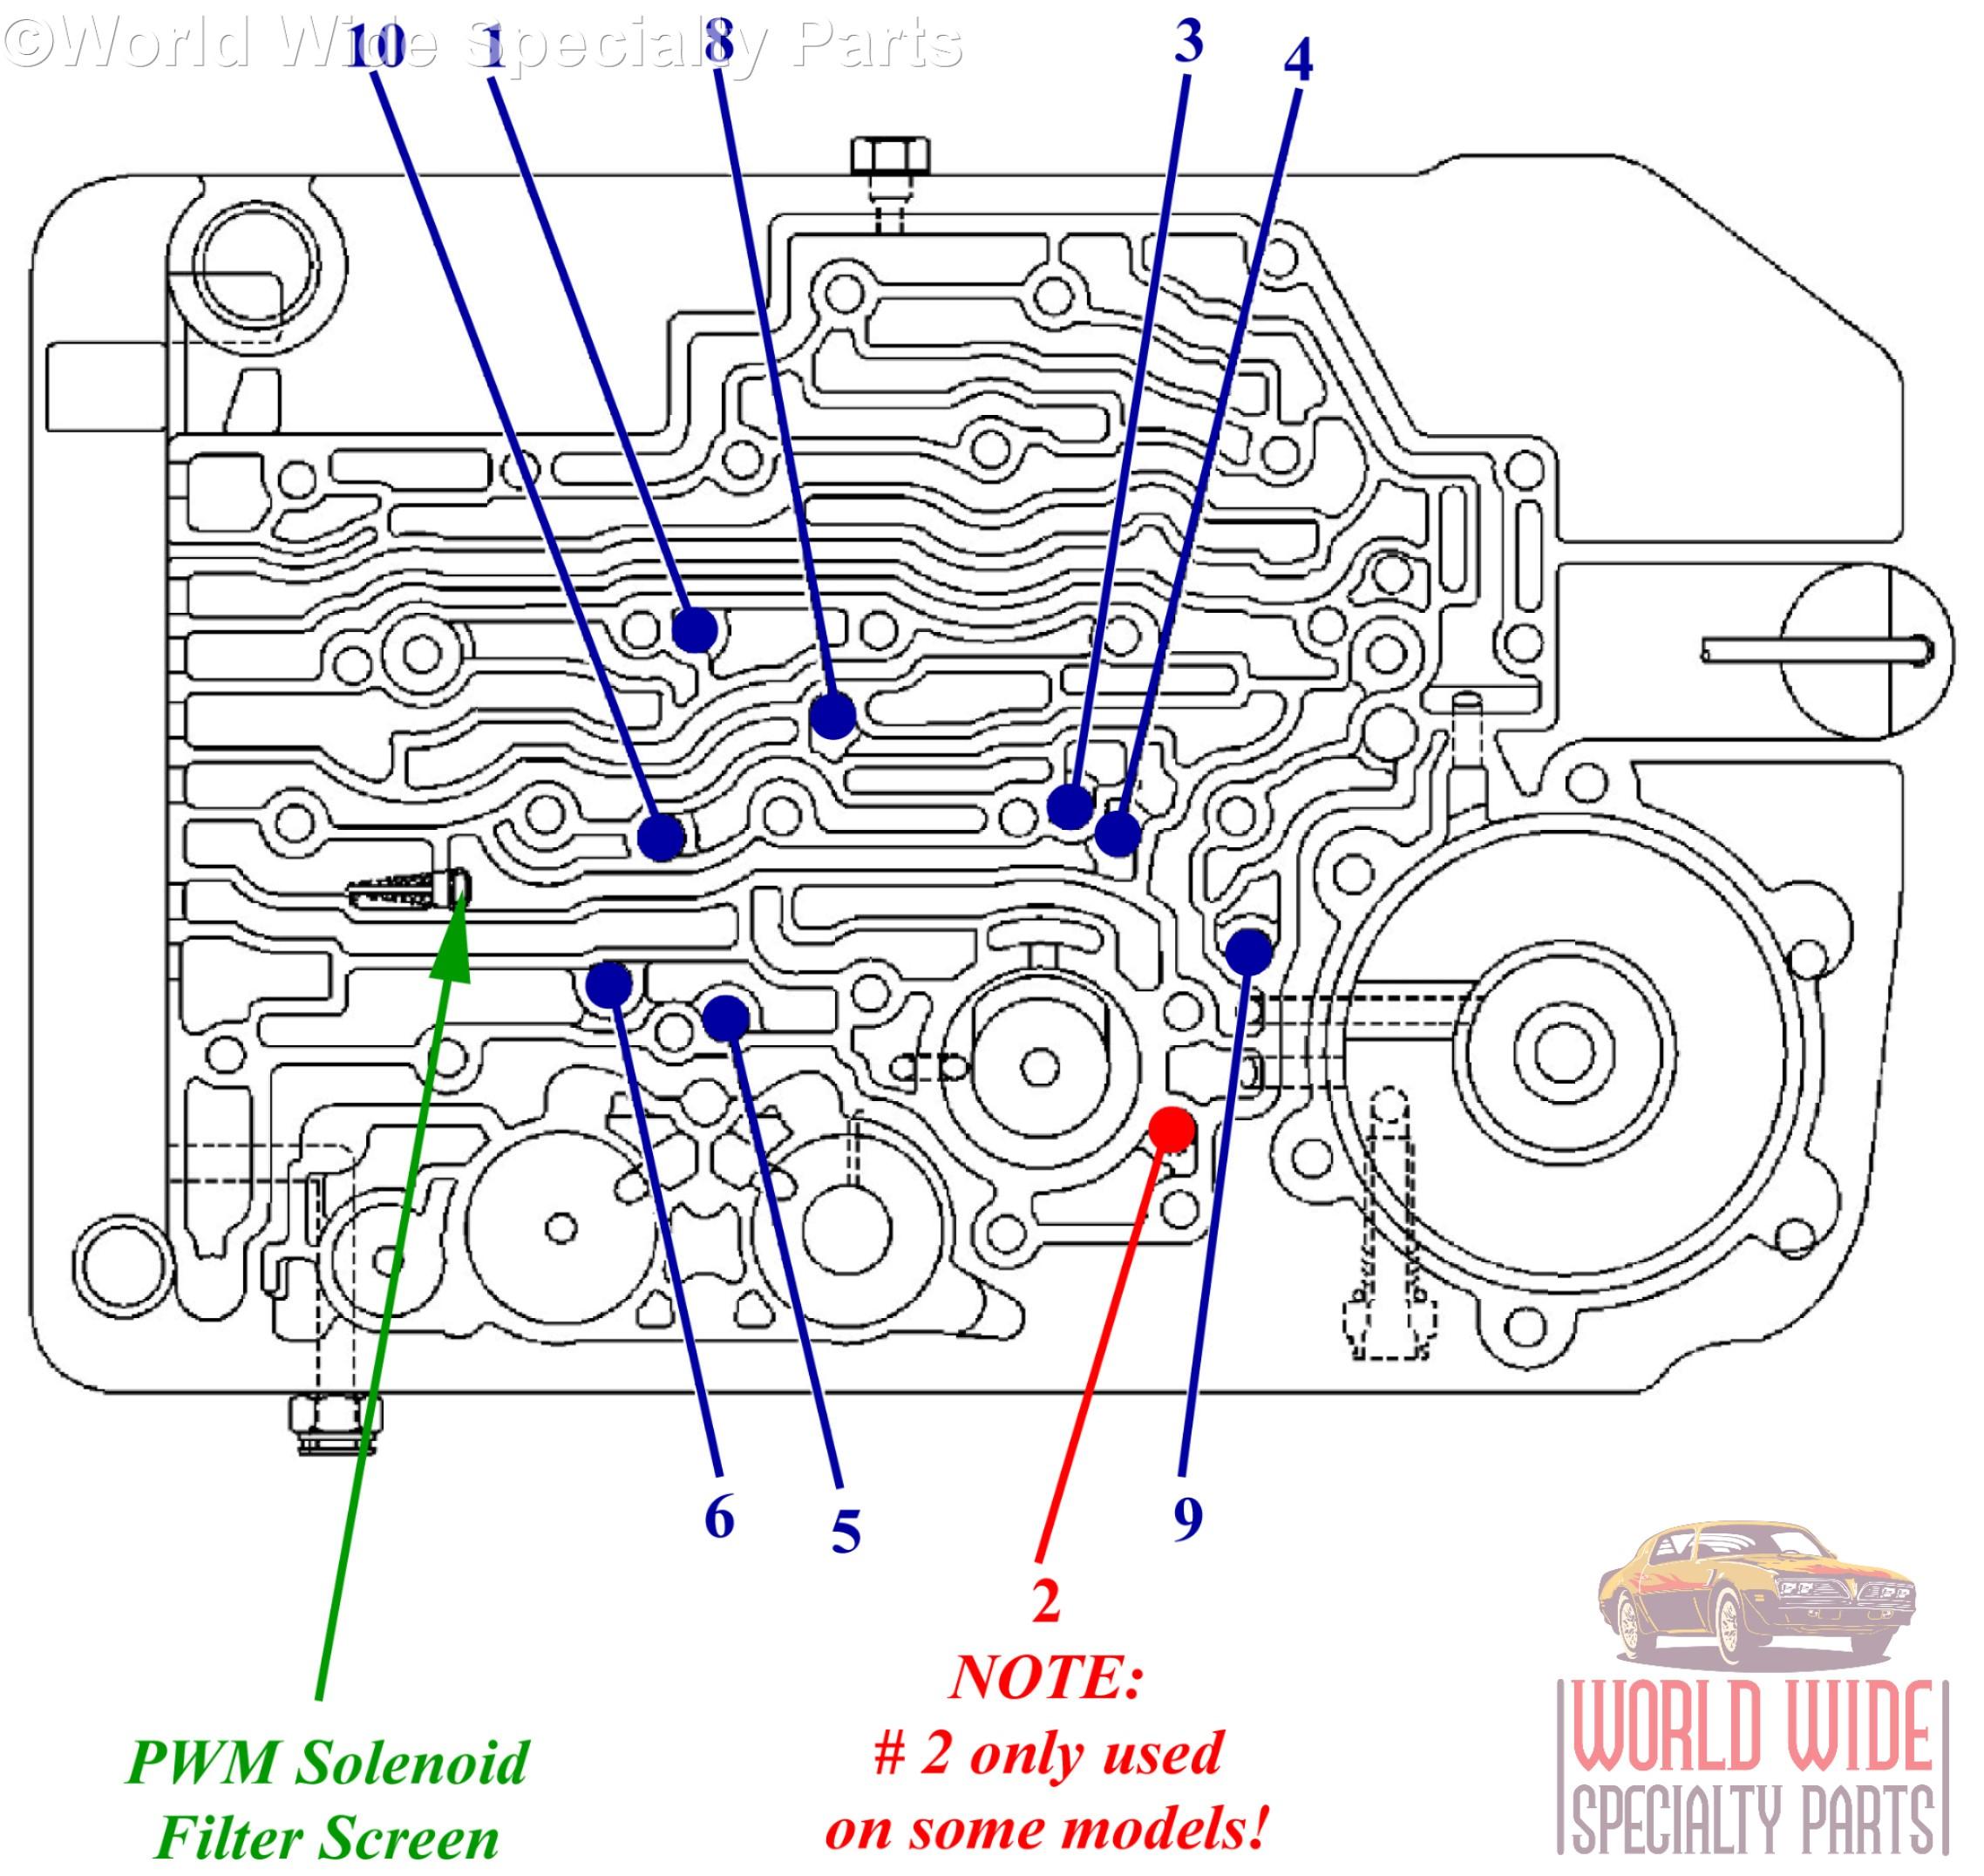 1994 4l80e wiring diagram oxygen bohr model jr403e schematic volvo 3 2 engine parts